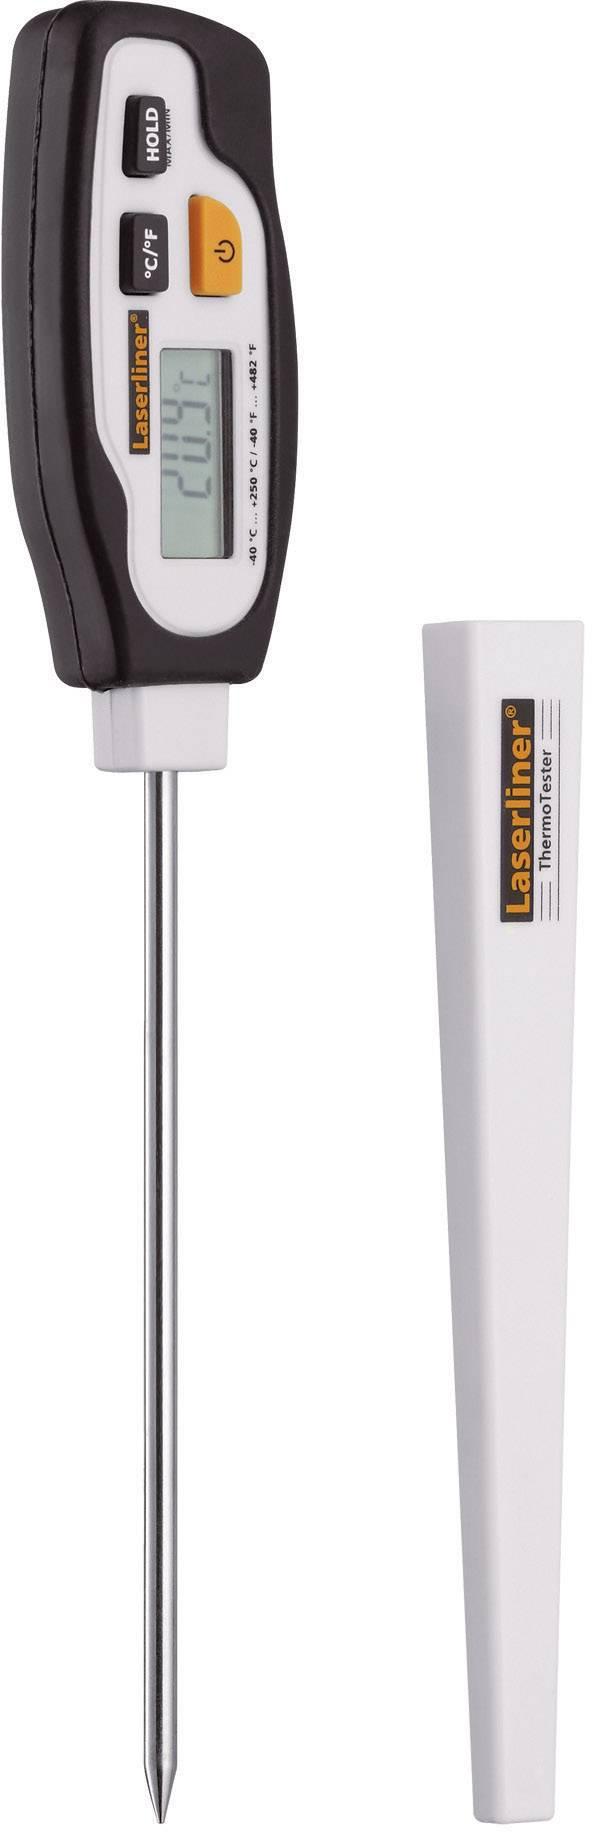 Vpichovací teploměr Laserliner ThermoTester Teplotní rozsah -40 až 250 °C, typ senzoru NTC